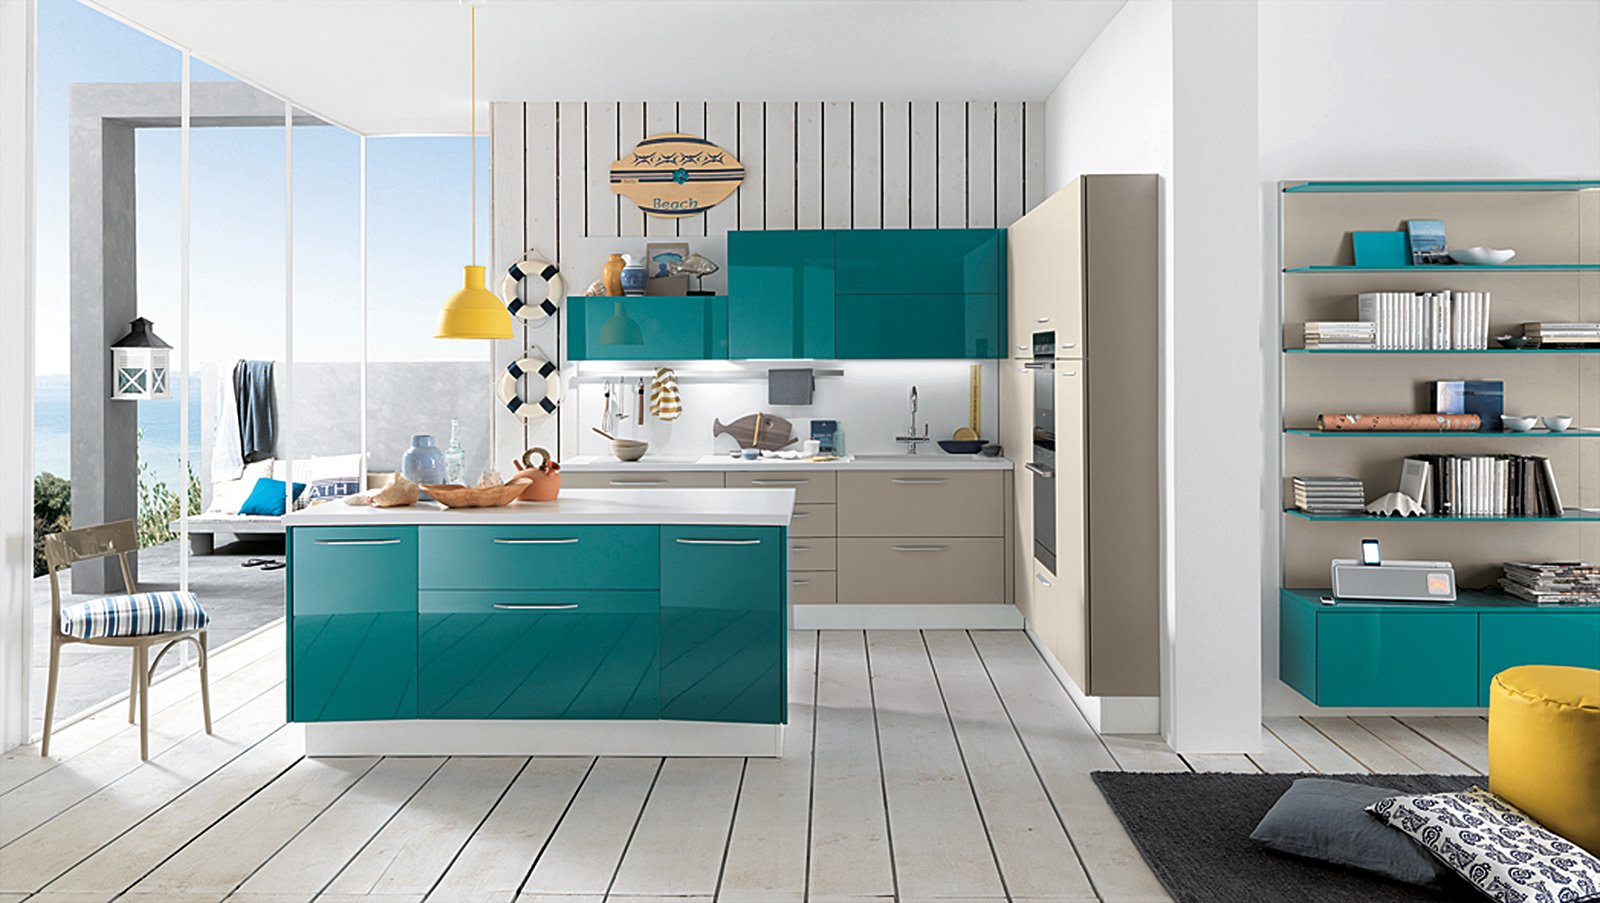 La Cucina Colorata Un Guizzo Di Vitalità Cose Di Casa #146B70 1600 903 Immagini Di Tende Per Cucina